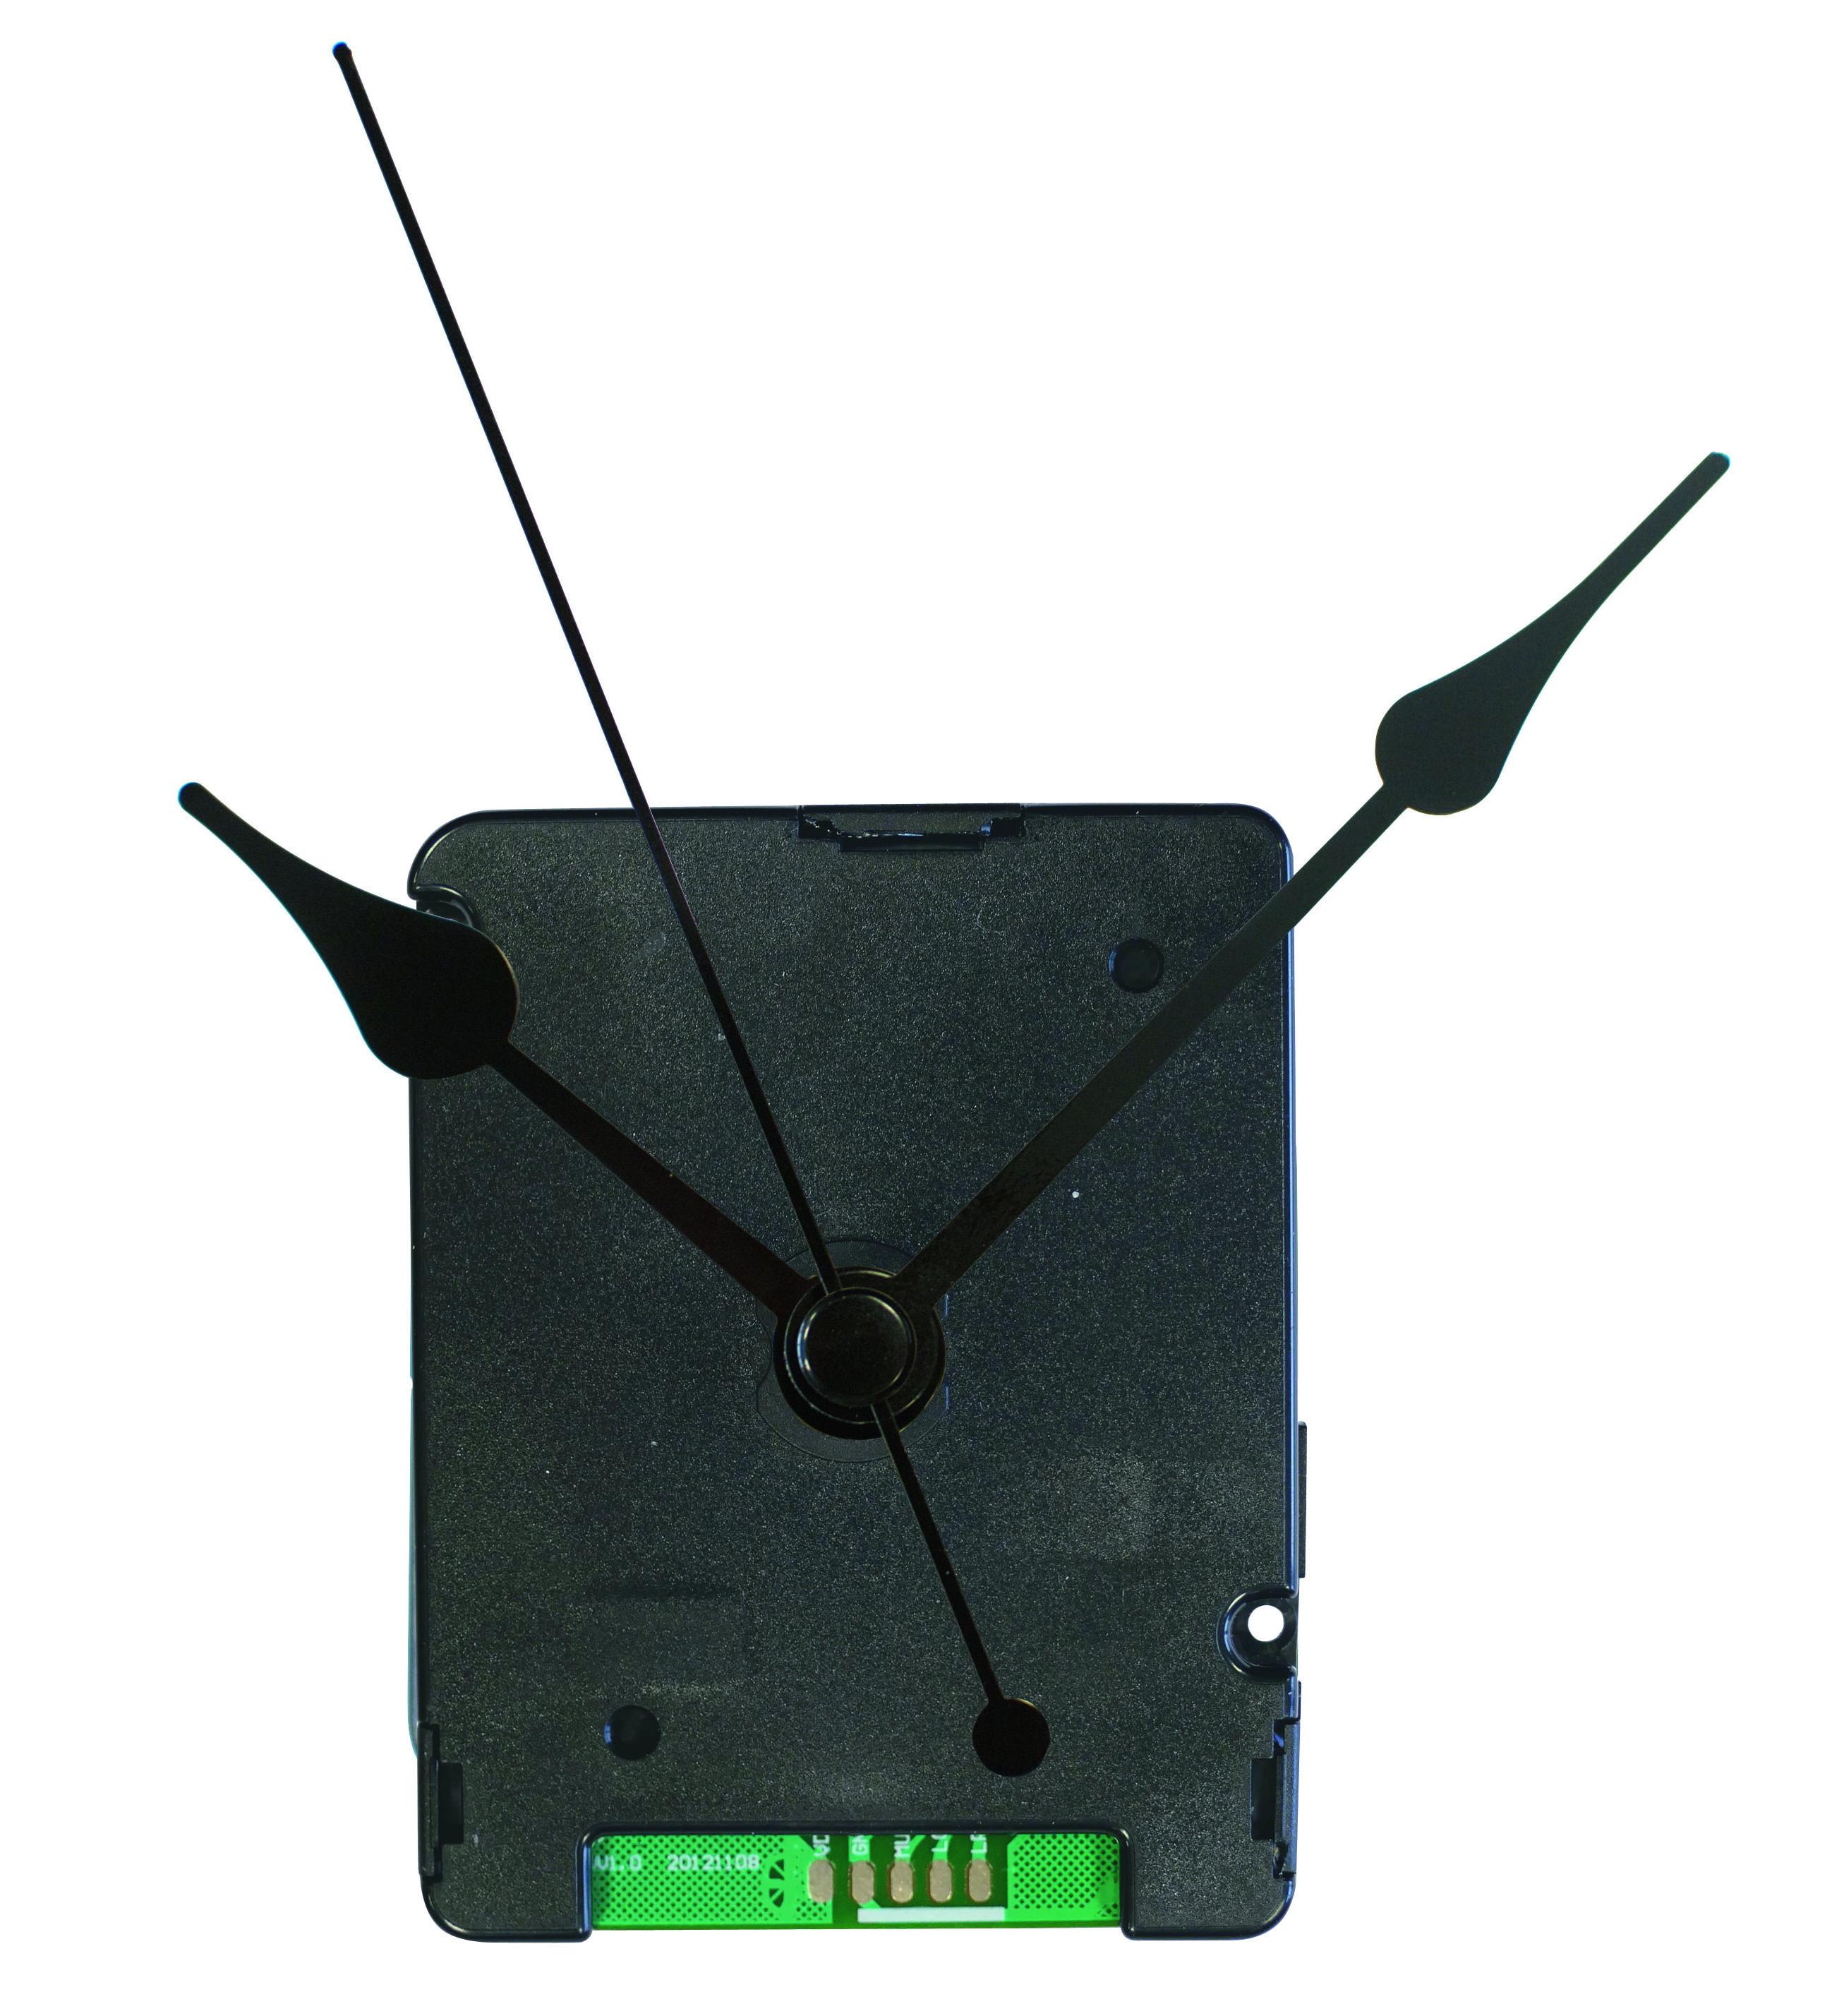 Mouvement radiopiloté avec se-conde rampante (sans tictac),  71 x 55 x 40 mm